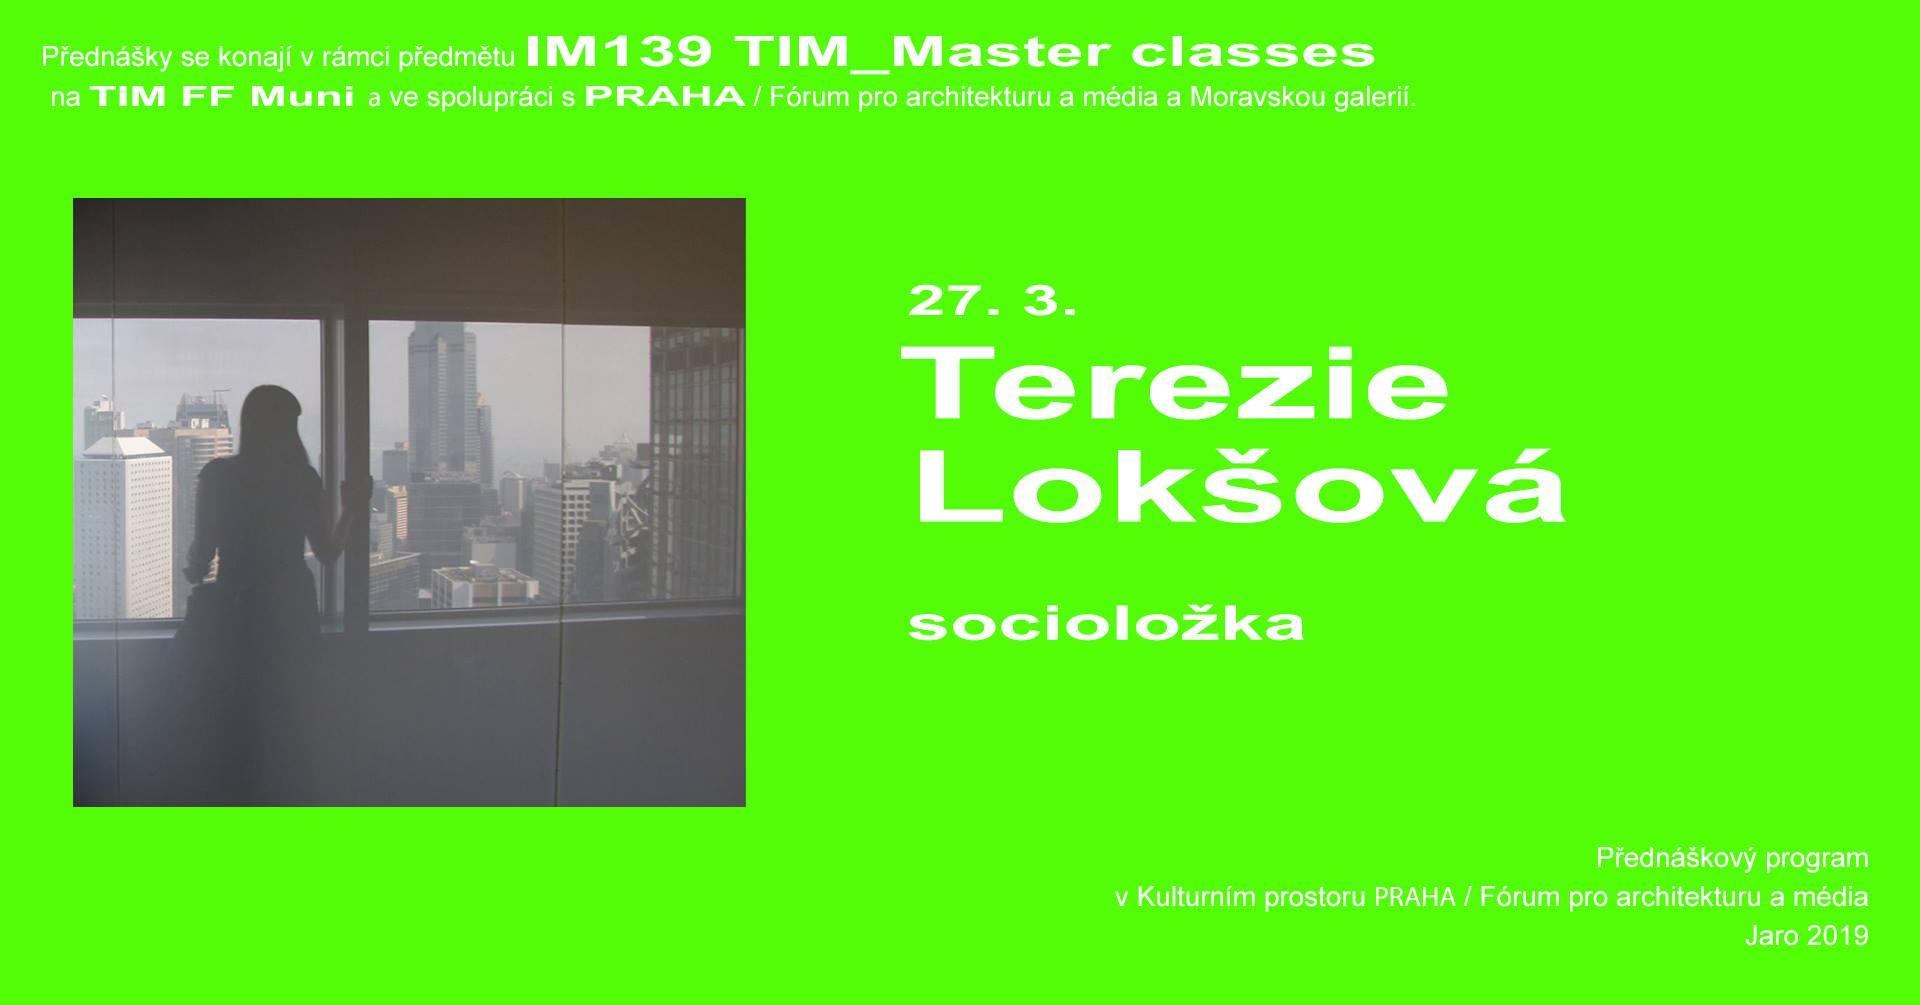 ST / 27.3. / 19.00 / TIM Master class: Terezie Lokšová – Dohled a kontrola: Dystopický technooptimismus? / přednáška, diskuse